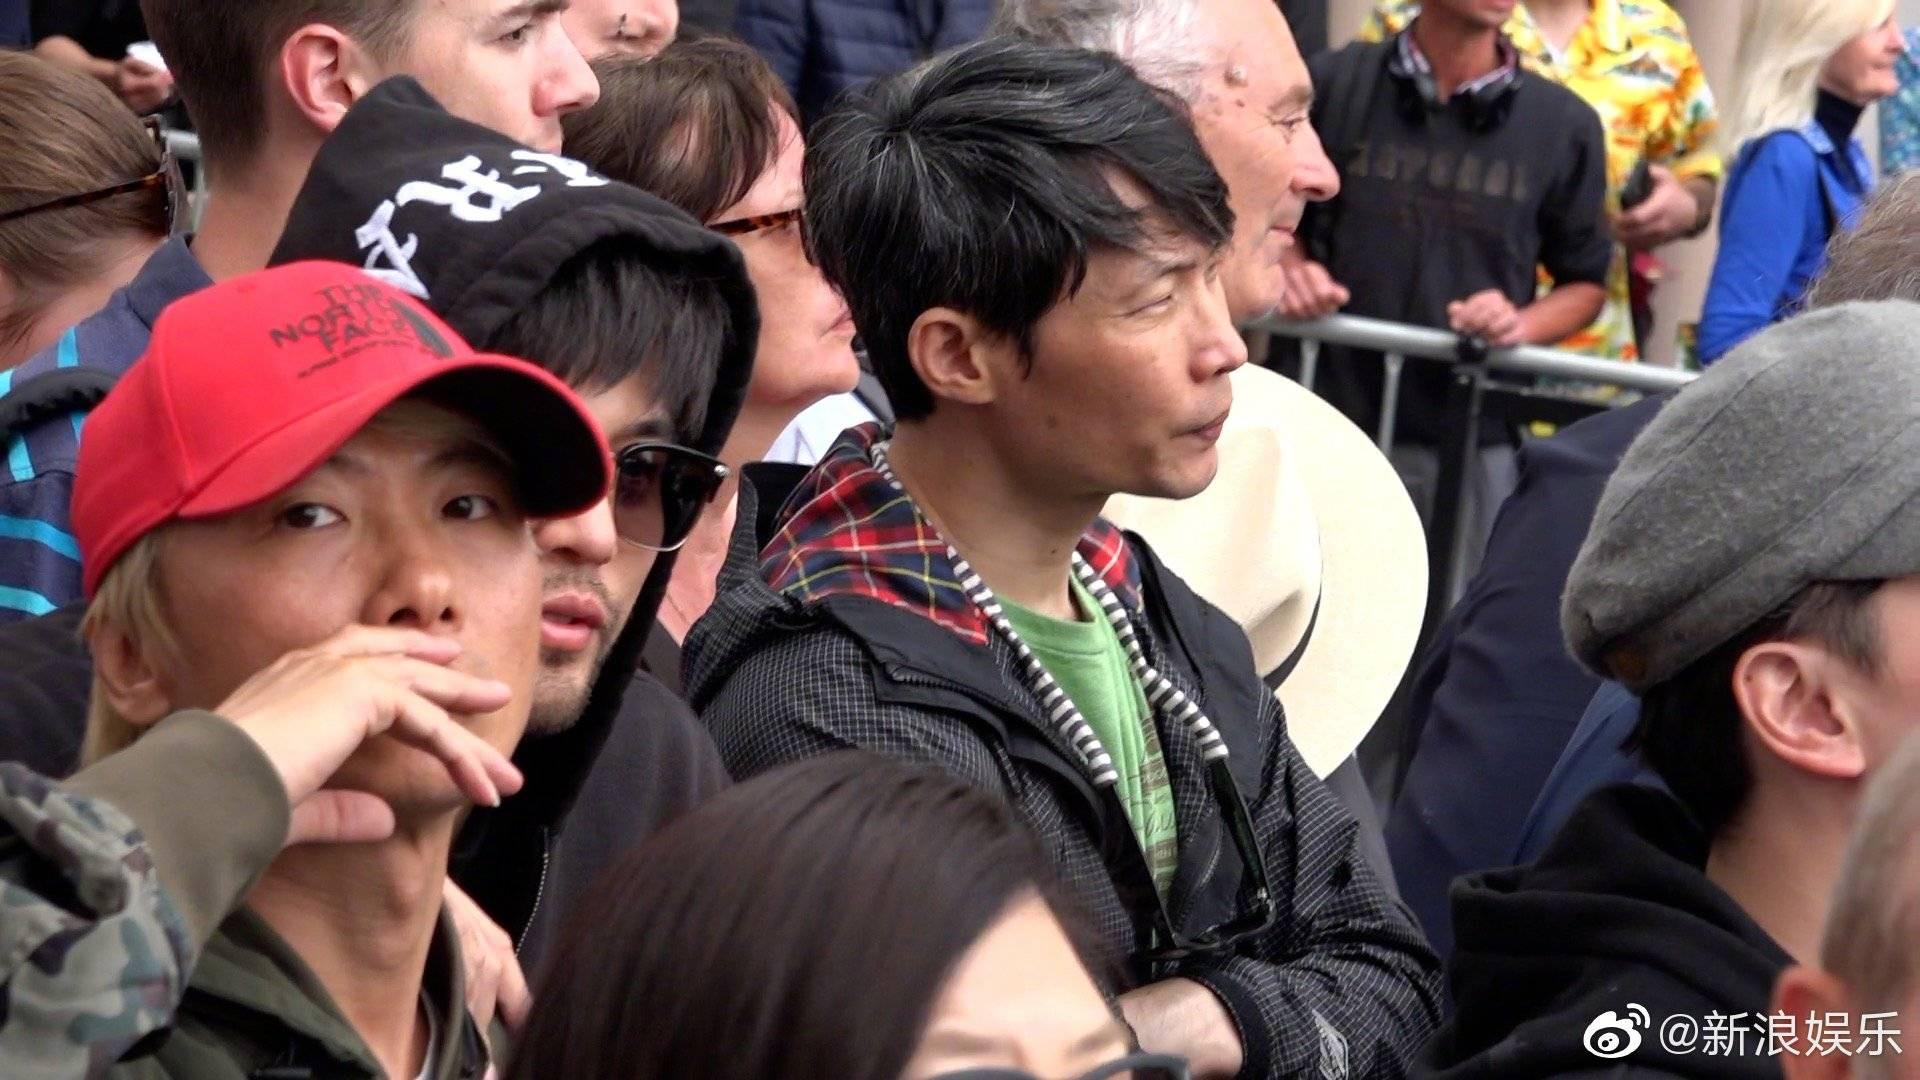 Cuồng vợ kiểu Châu Kiệt Luân: Tháp tùng bà xã bằng trực thăng riêng nhưng cải trang thành fan ngắm vợ tại Cannes - Ảnh 5.